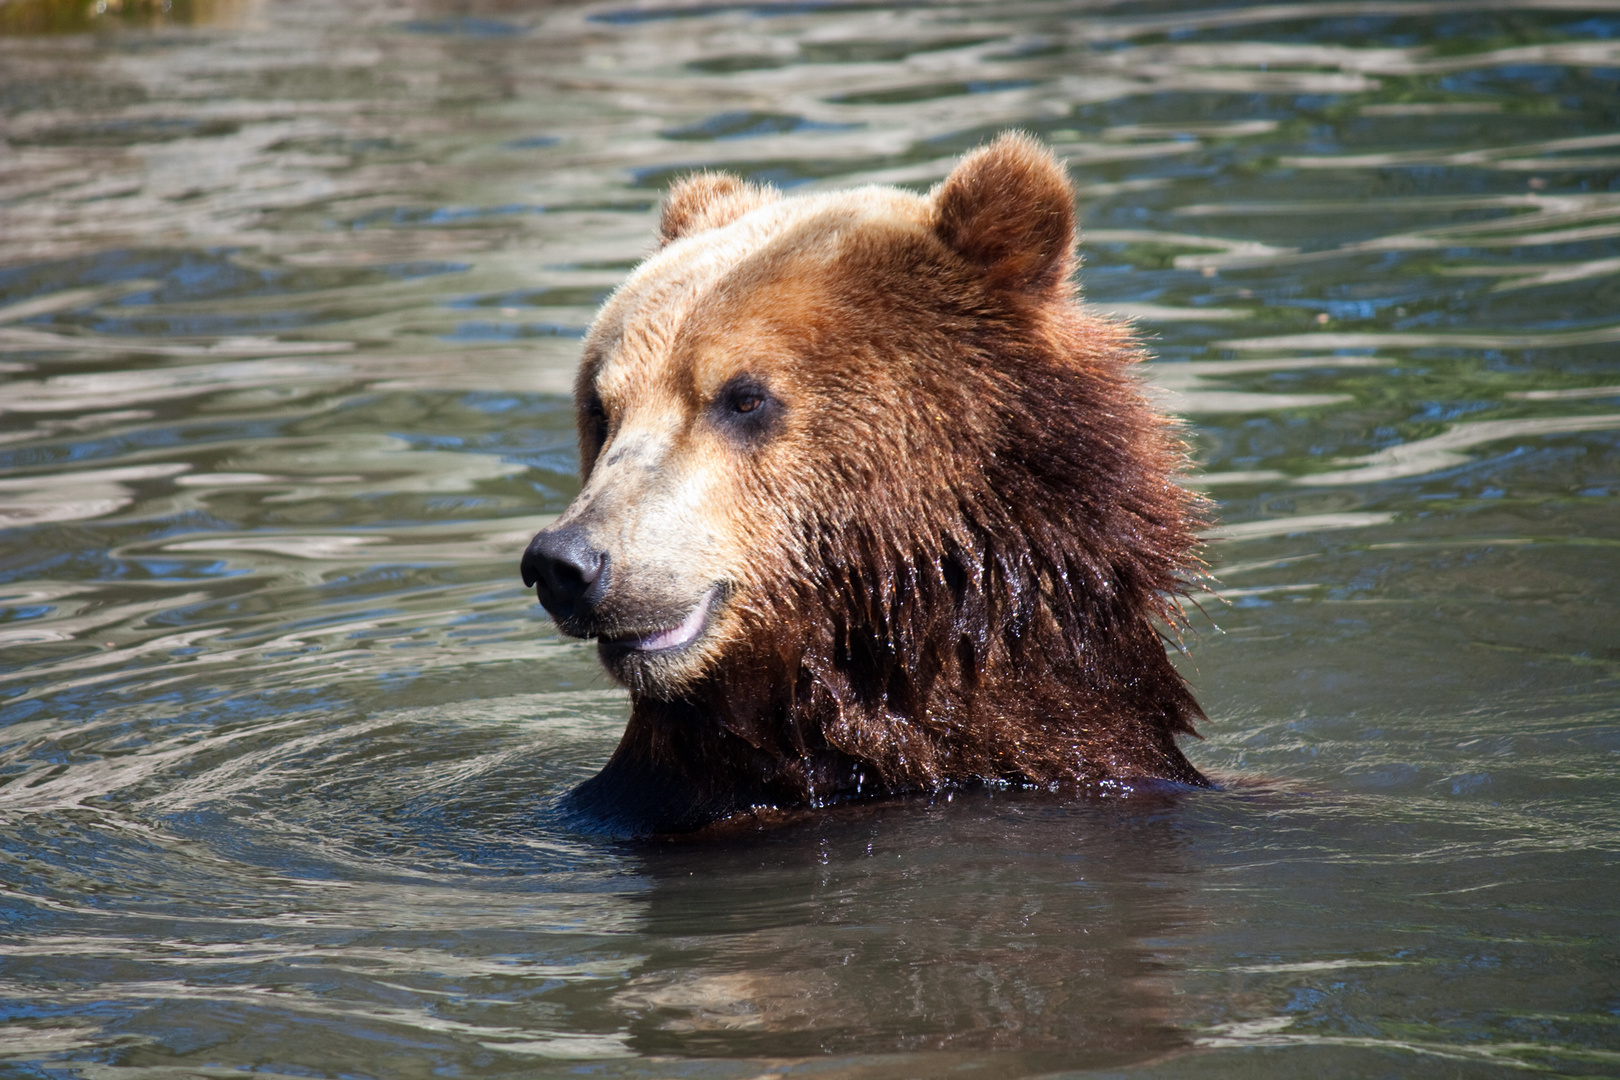 der Bär hat schon Badesaison ...